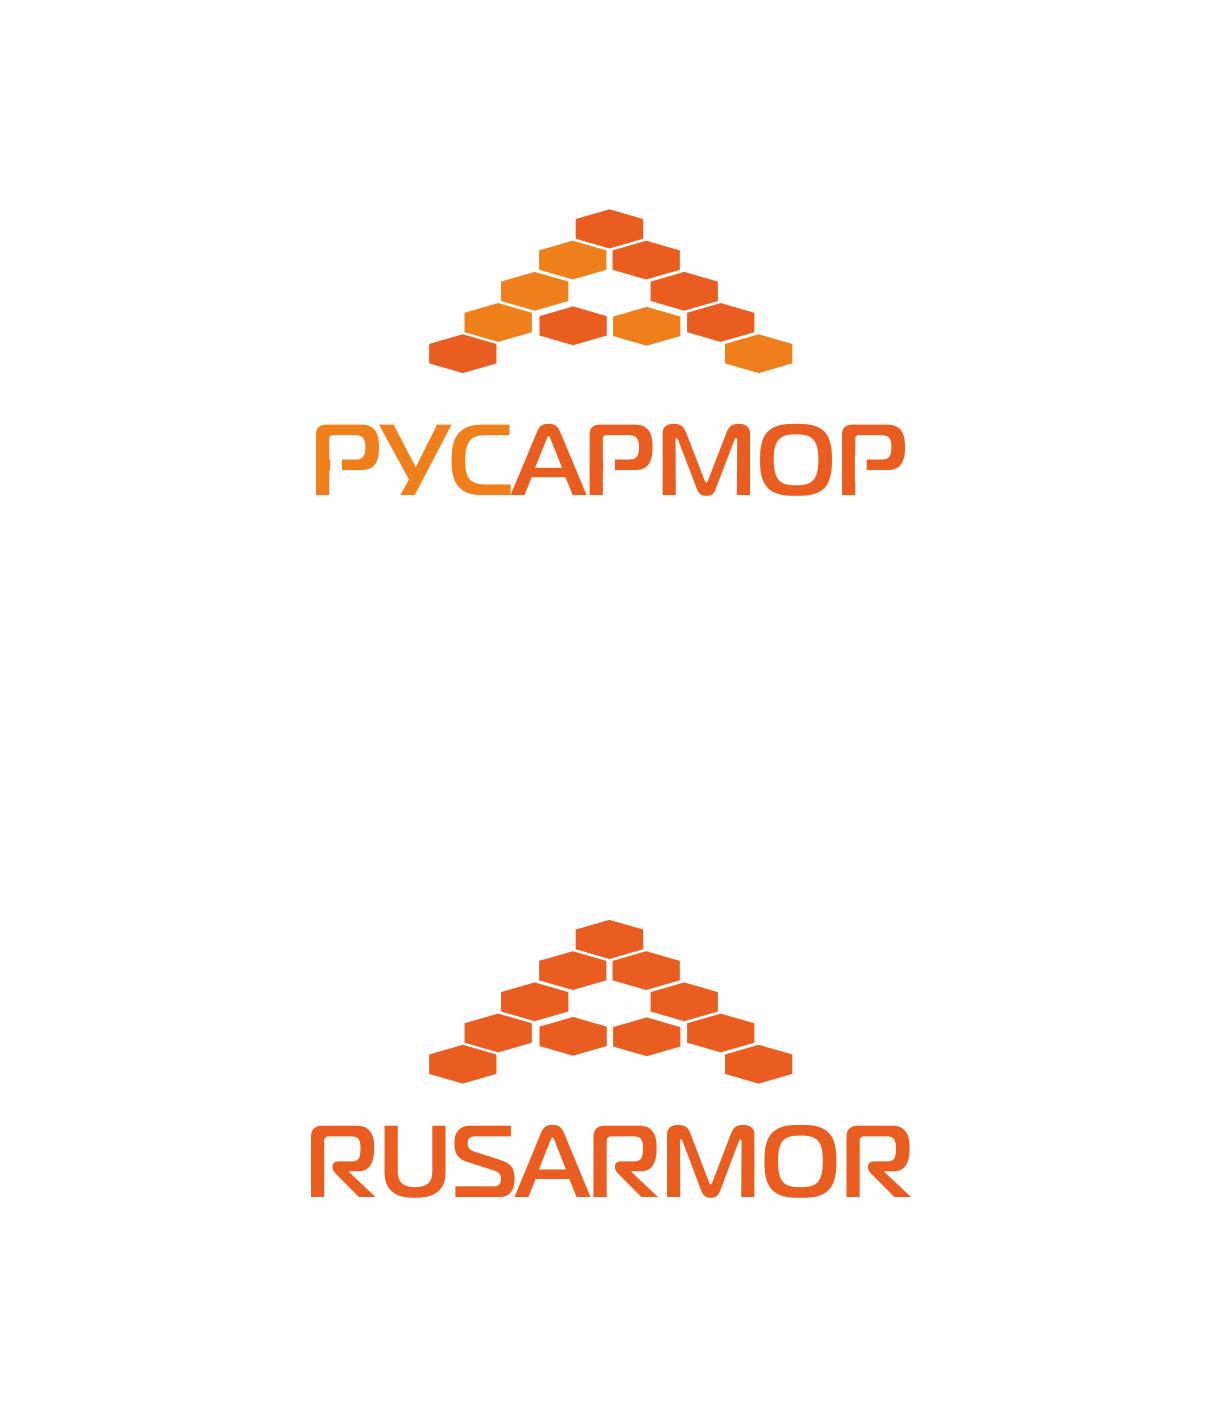 Разработка логотипа технологического стартапа РУСАРМОР фото f_5375a07cc06921b7.png